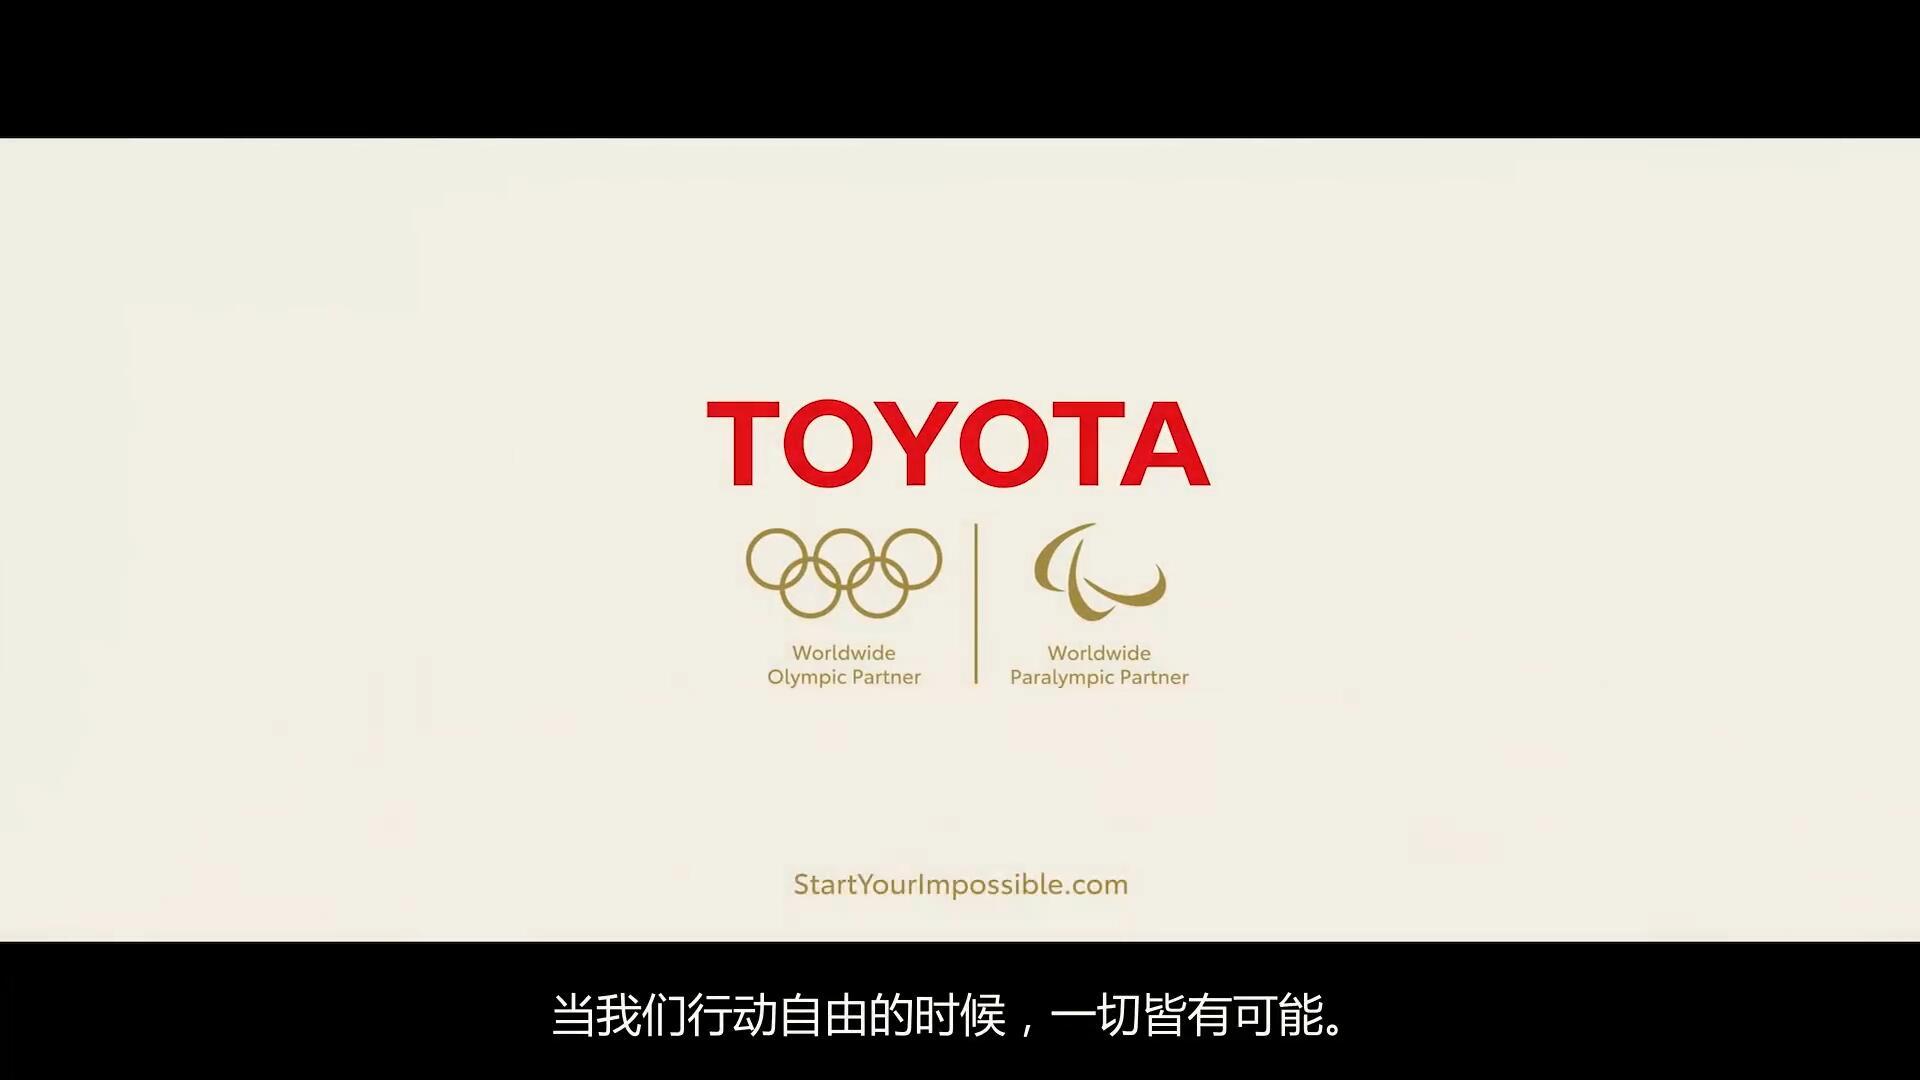 丰田东京2020奥运会